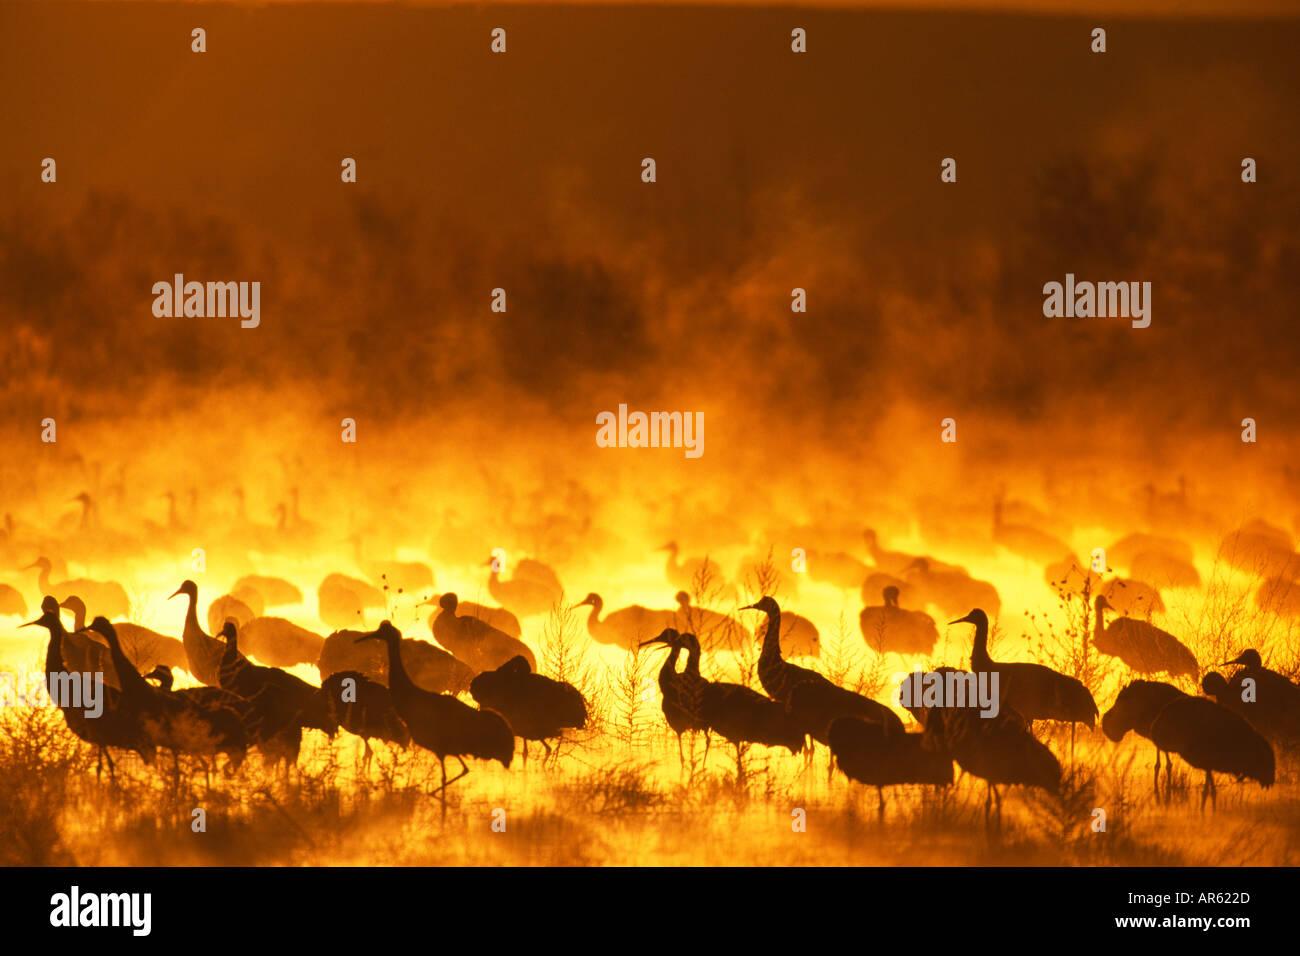 Sandhill gru Grus canadensis gruppo all'alba sono ' appollaiati pond Bosque del Apache Nuovo Messico USA Immagini Stock